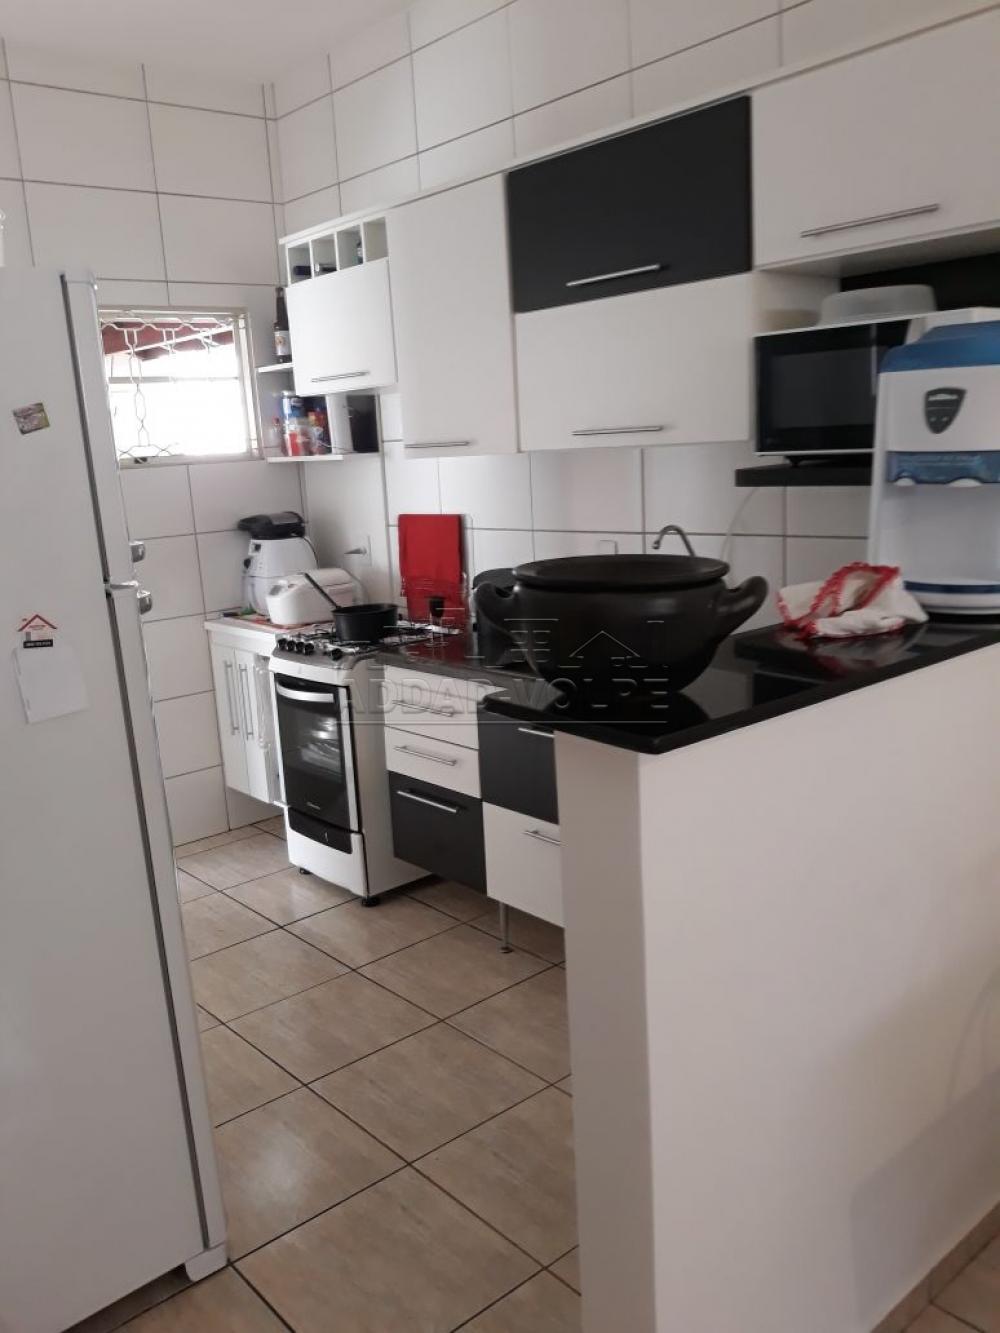 Comprar Casa / Padrão em Bauru apenas R$ 440.000,00 - Foto 10